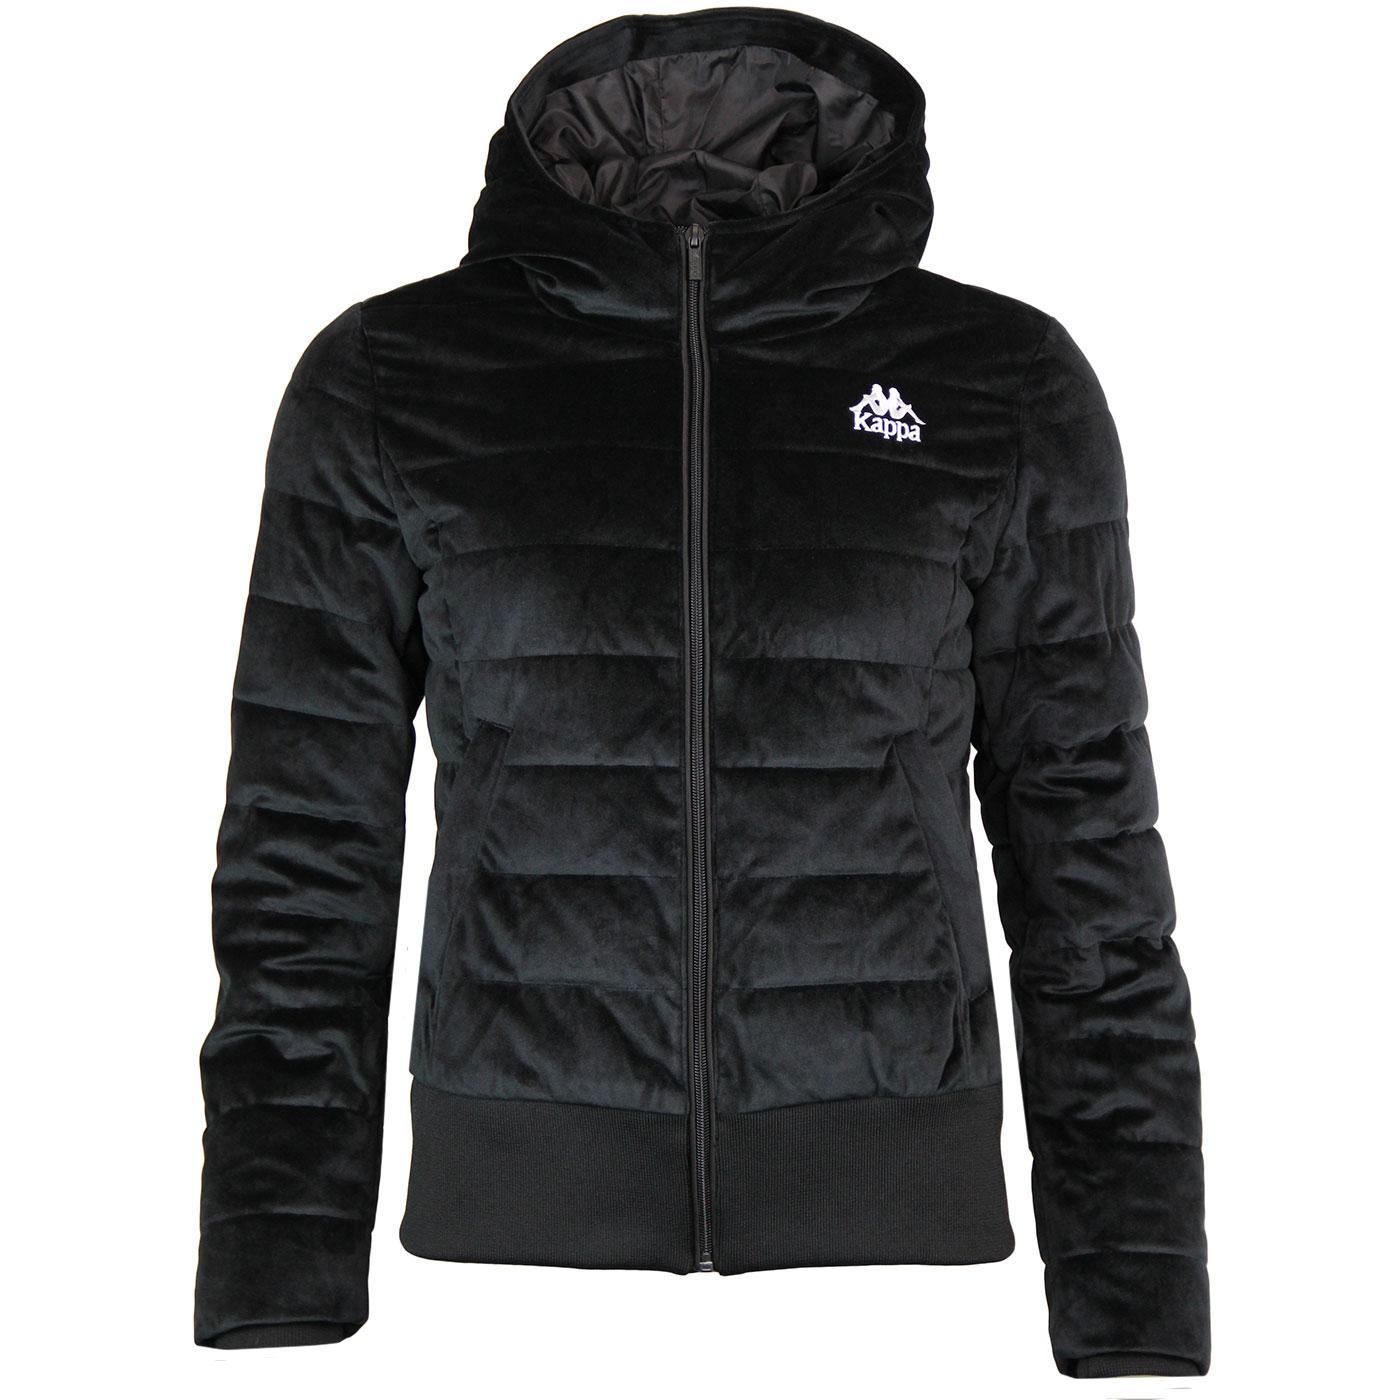 Ambac KAPPA Authentic Velvet Padded Jacket (Black)